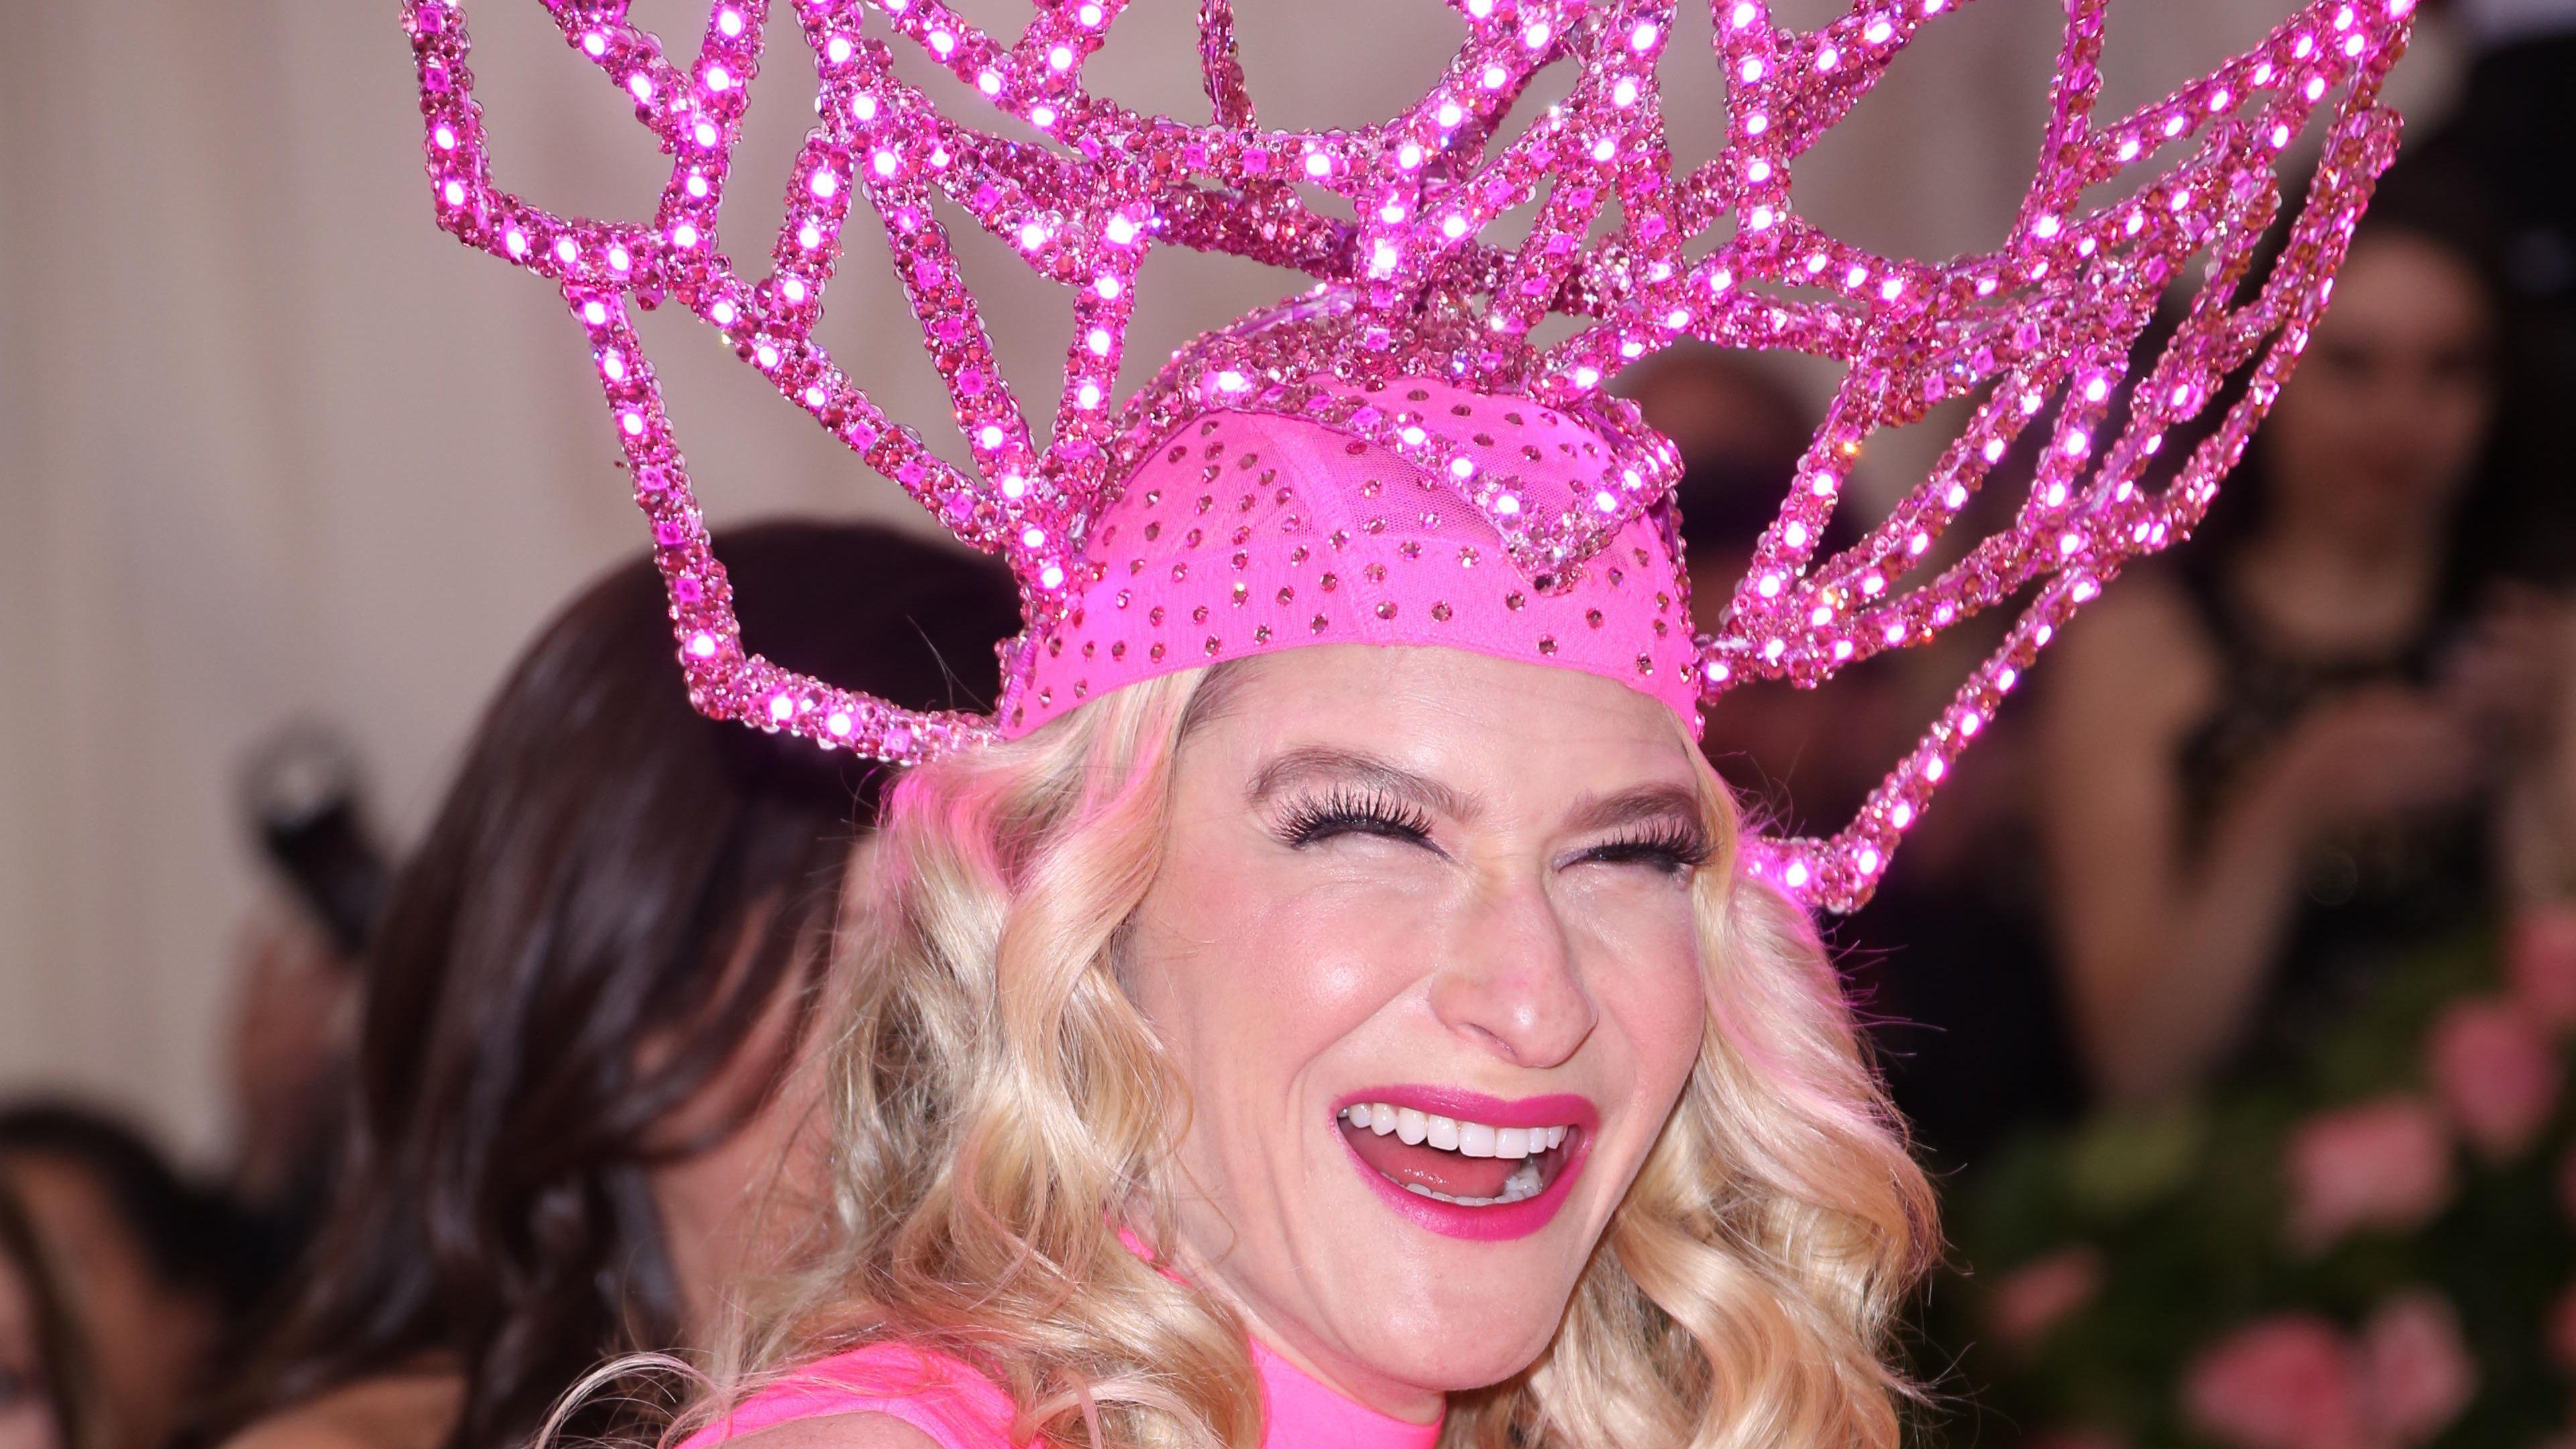 Kosmetik-Unternehmerin Julie Macklowe: Grelle Farben, glitzernde Steinchen